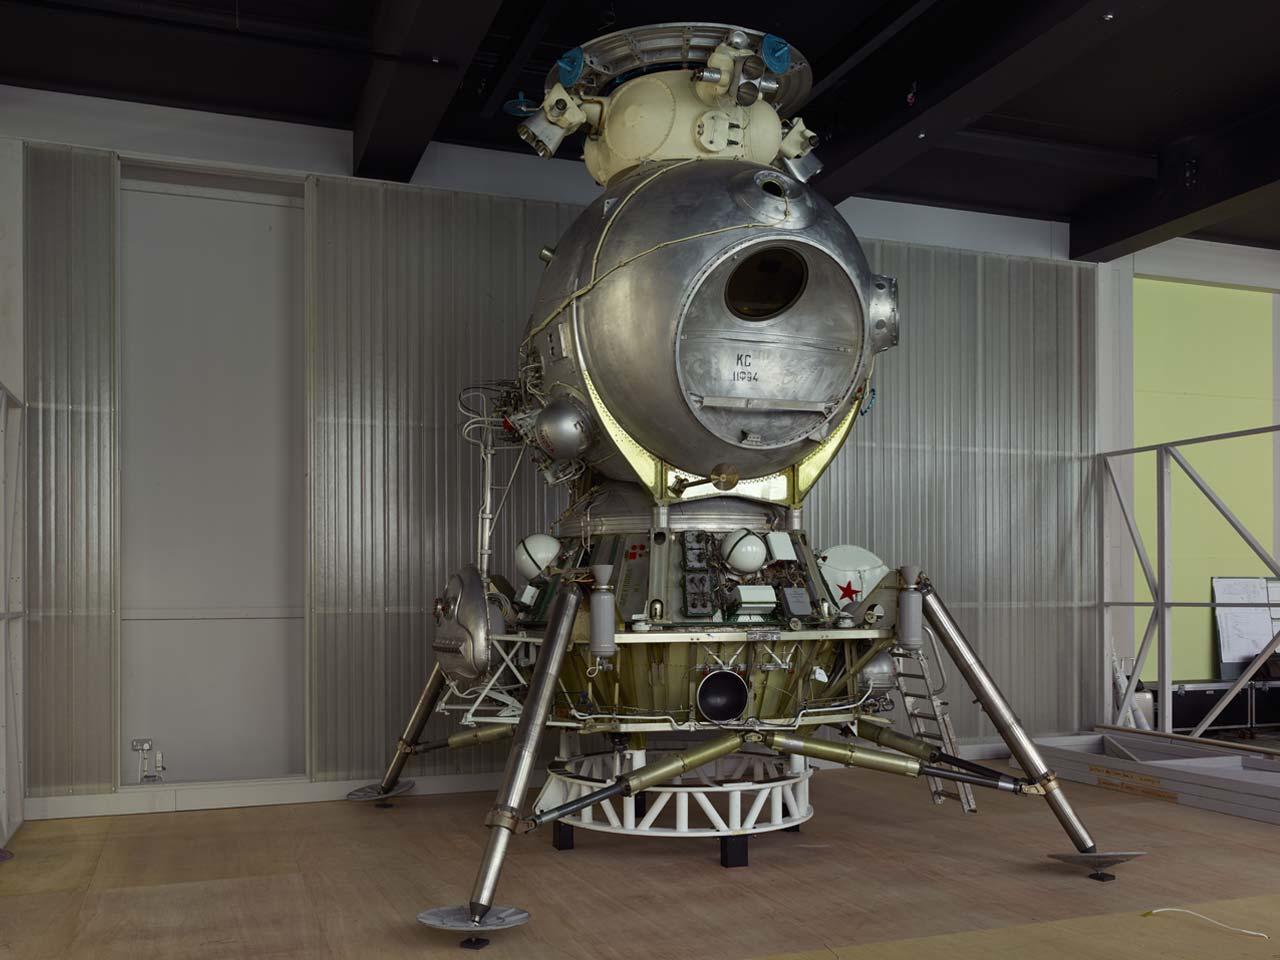 lunar landing spacecraft - photo #22